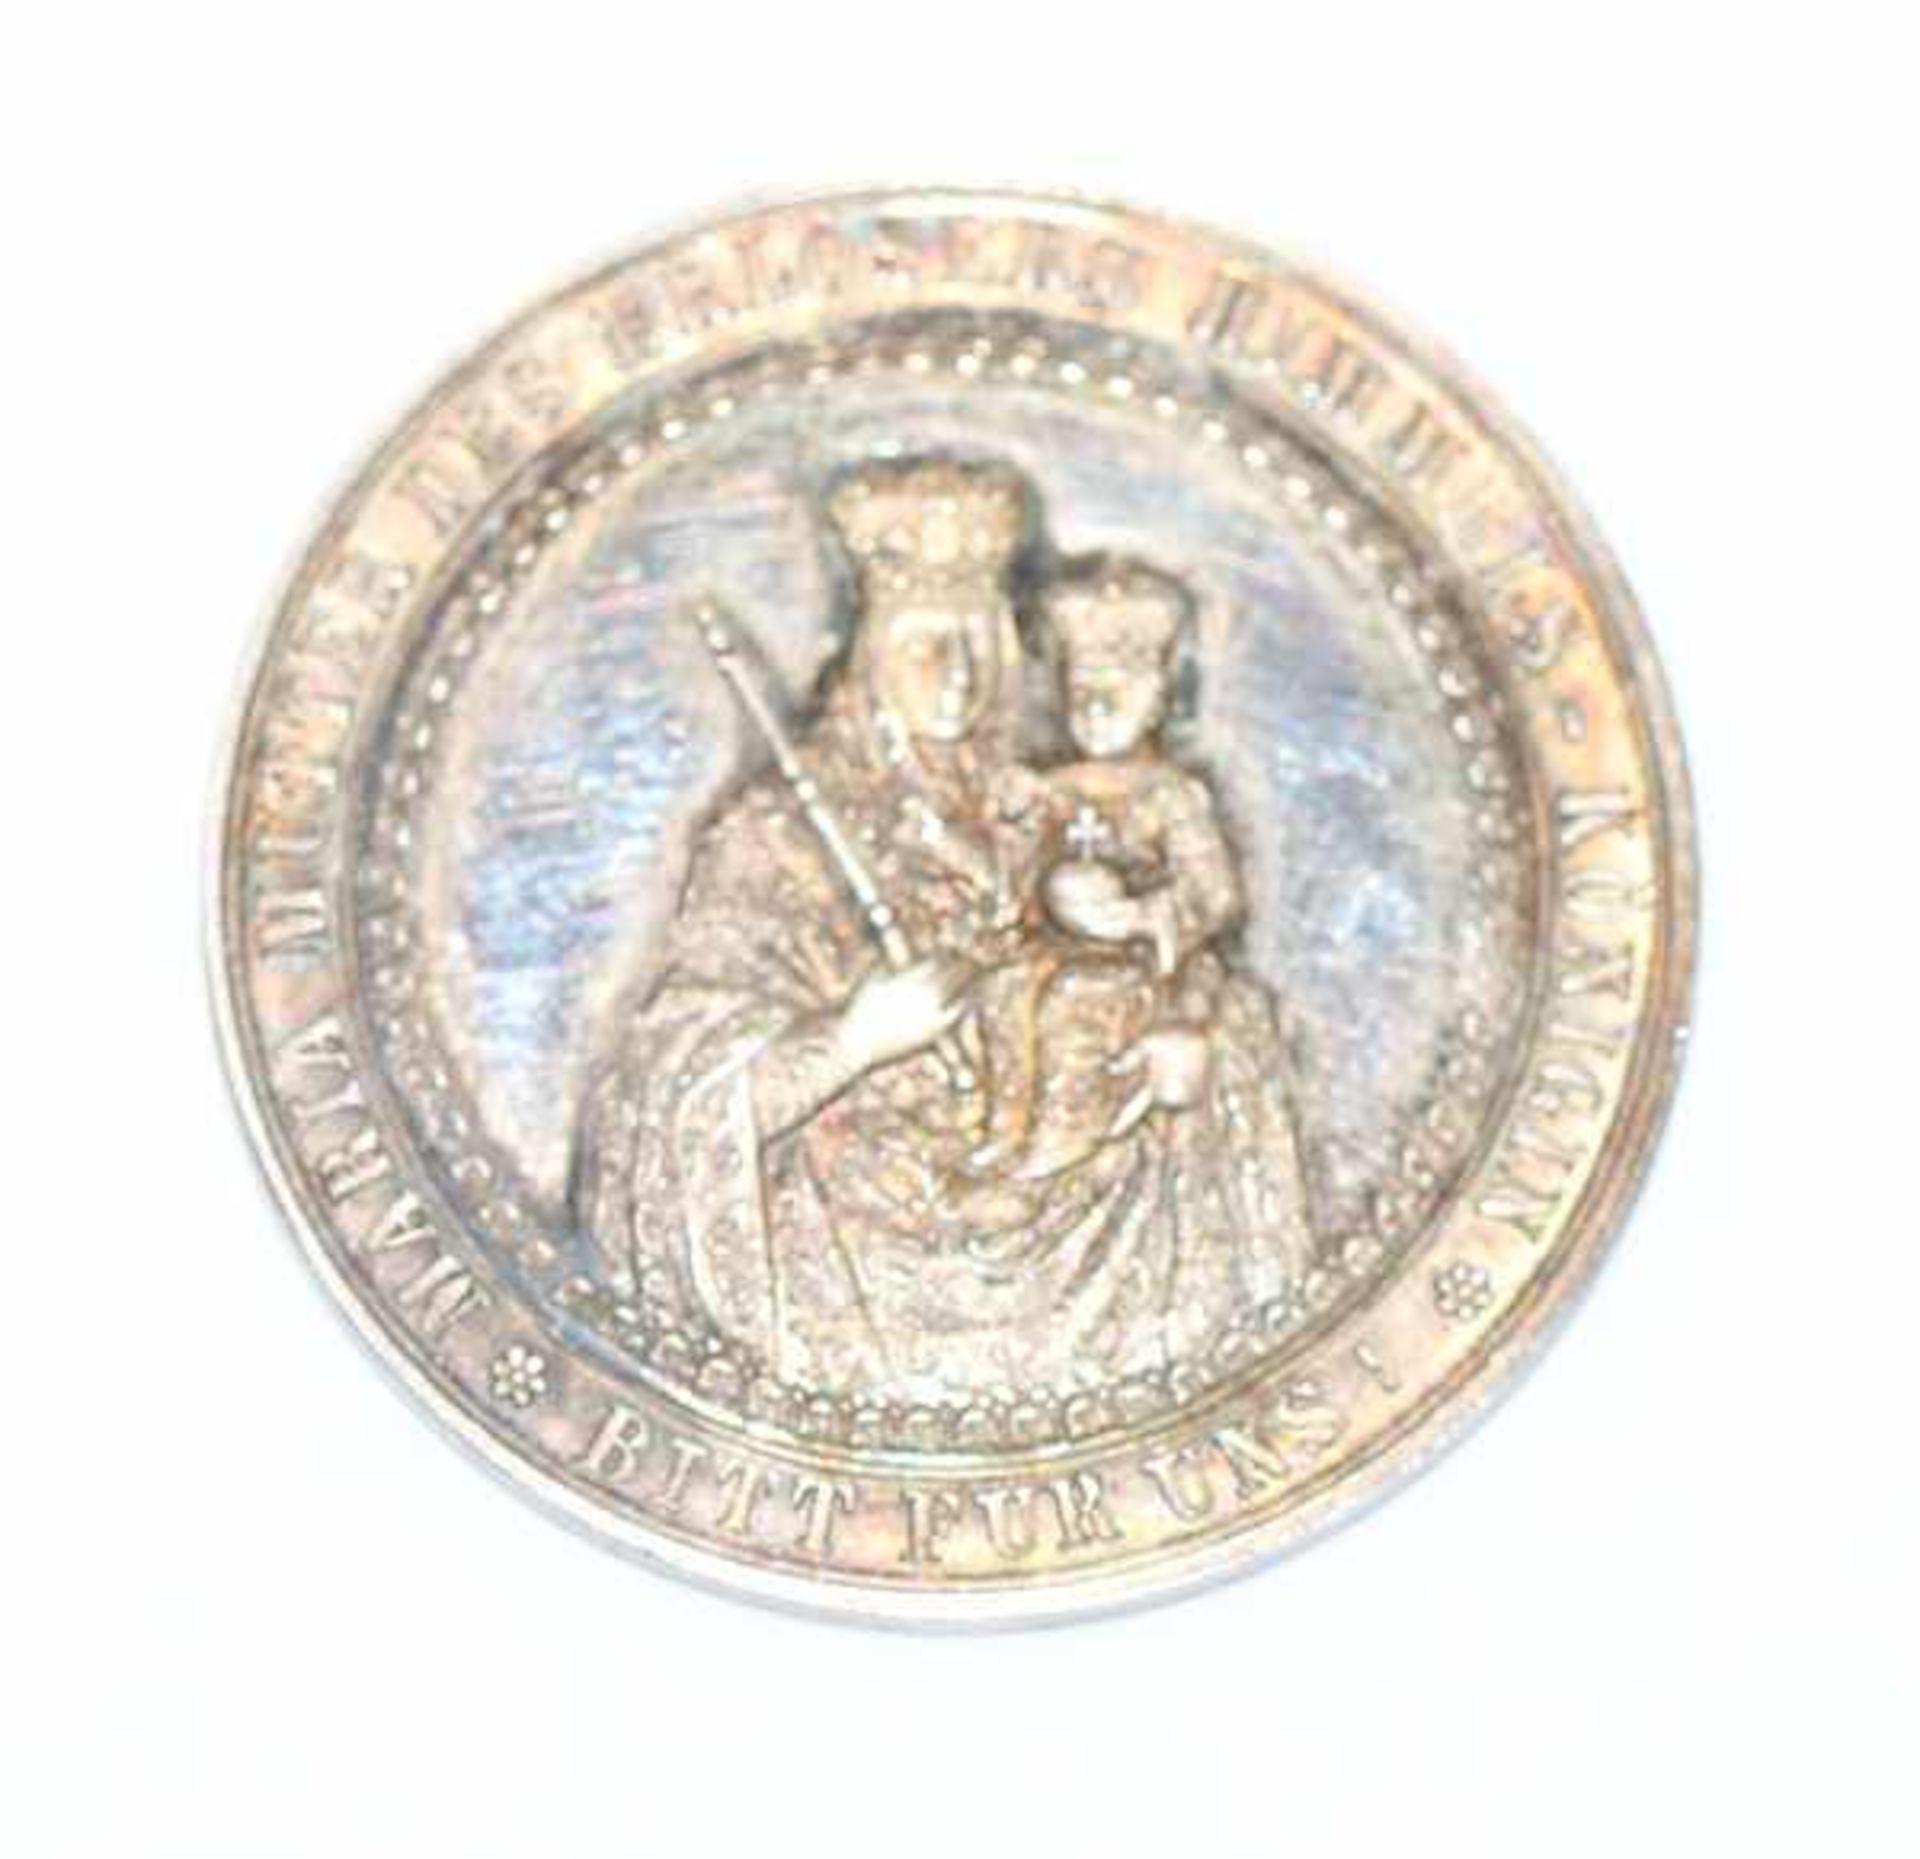 Los 103 - Andenken Medaille zur Taufe, 19. Jahrhundert, Silber, in Originaletui